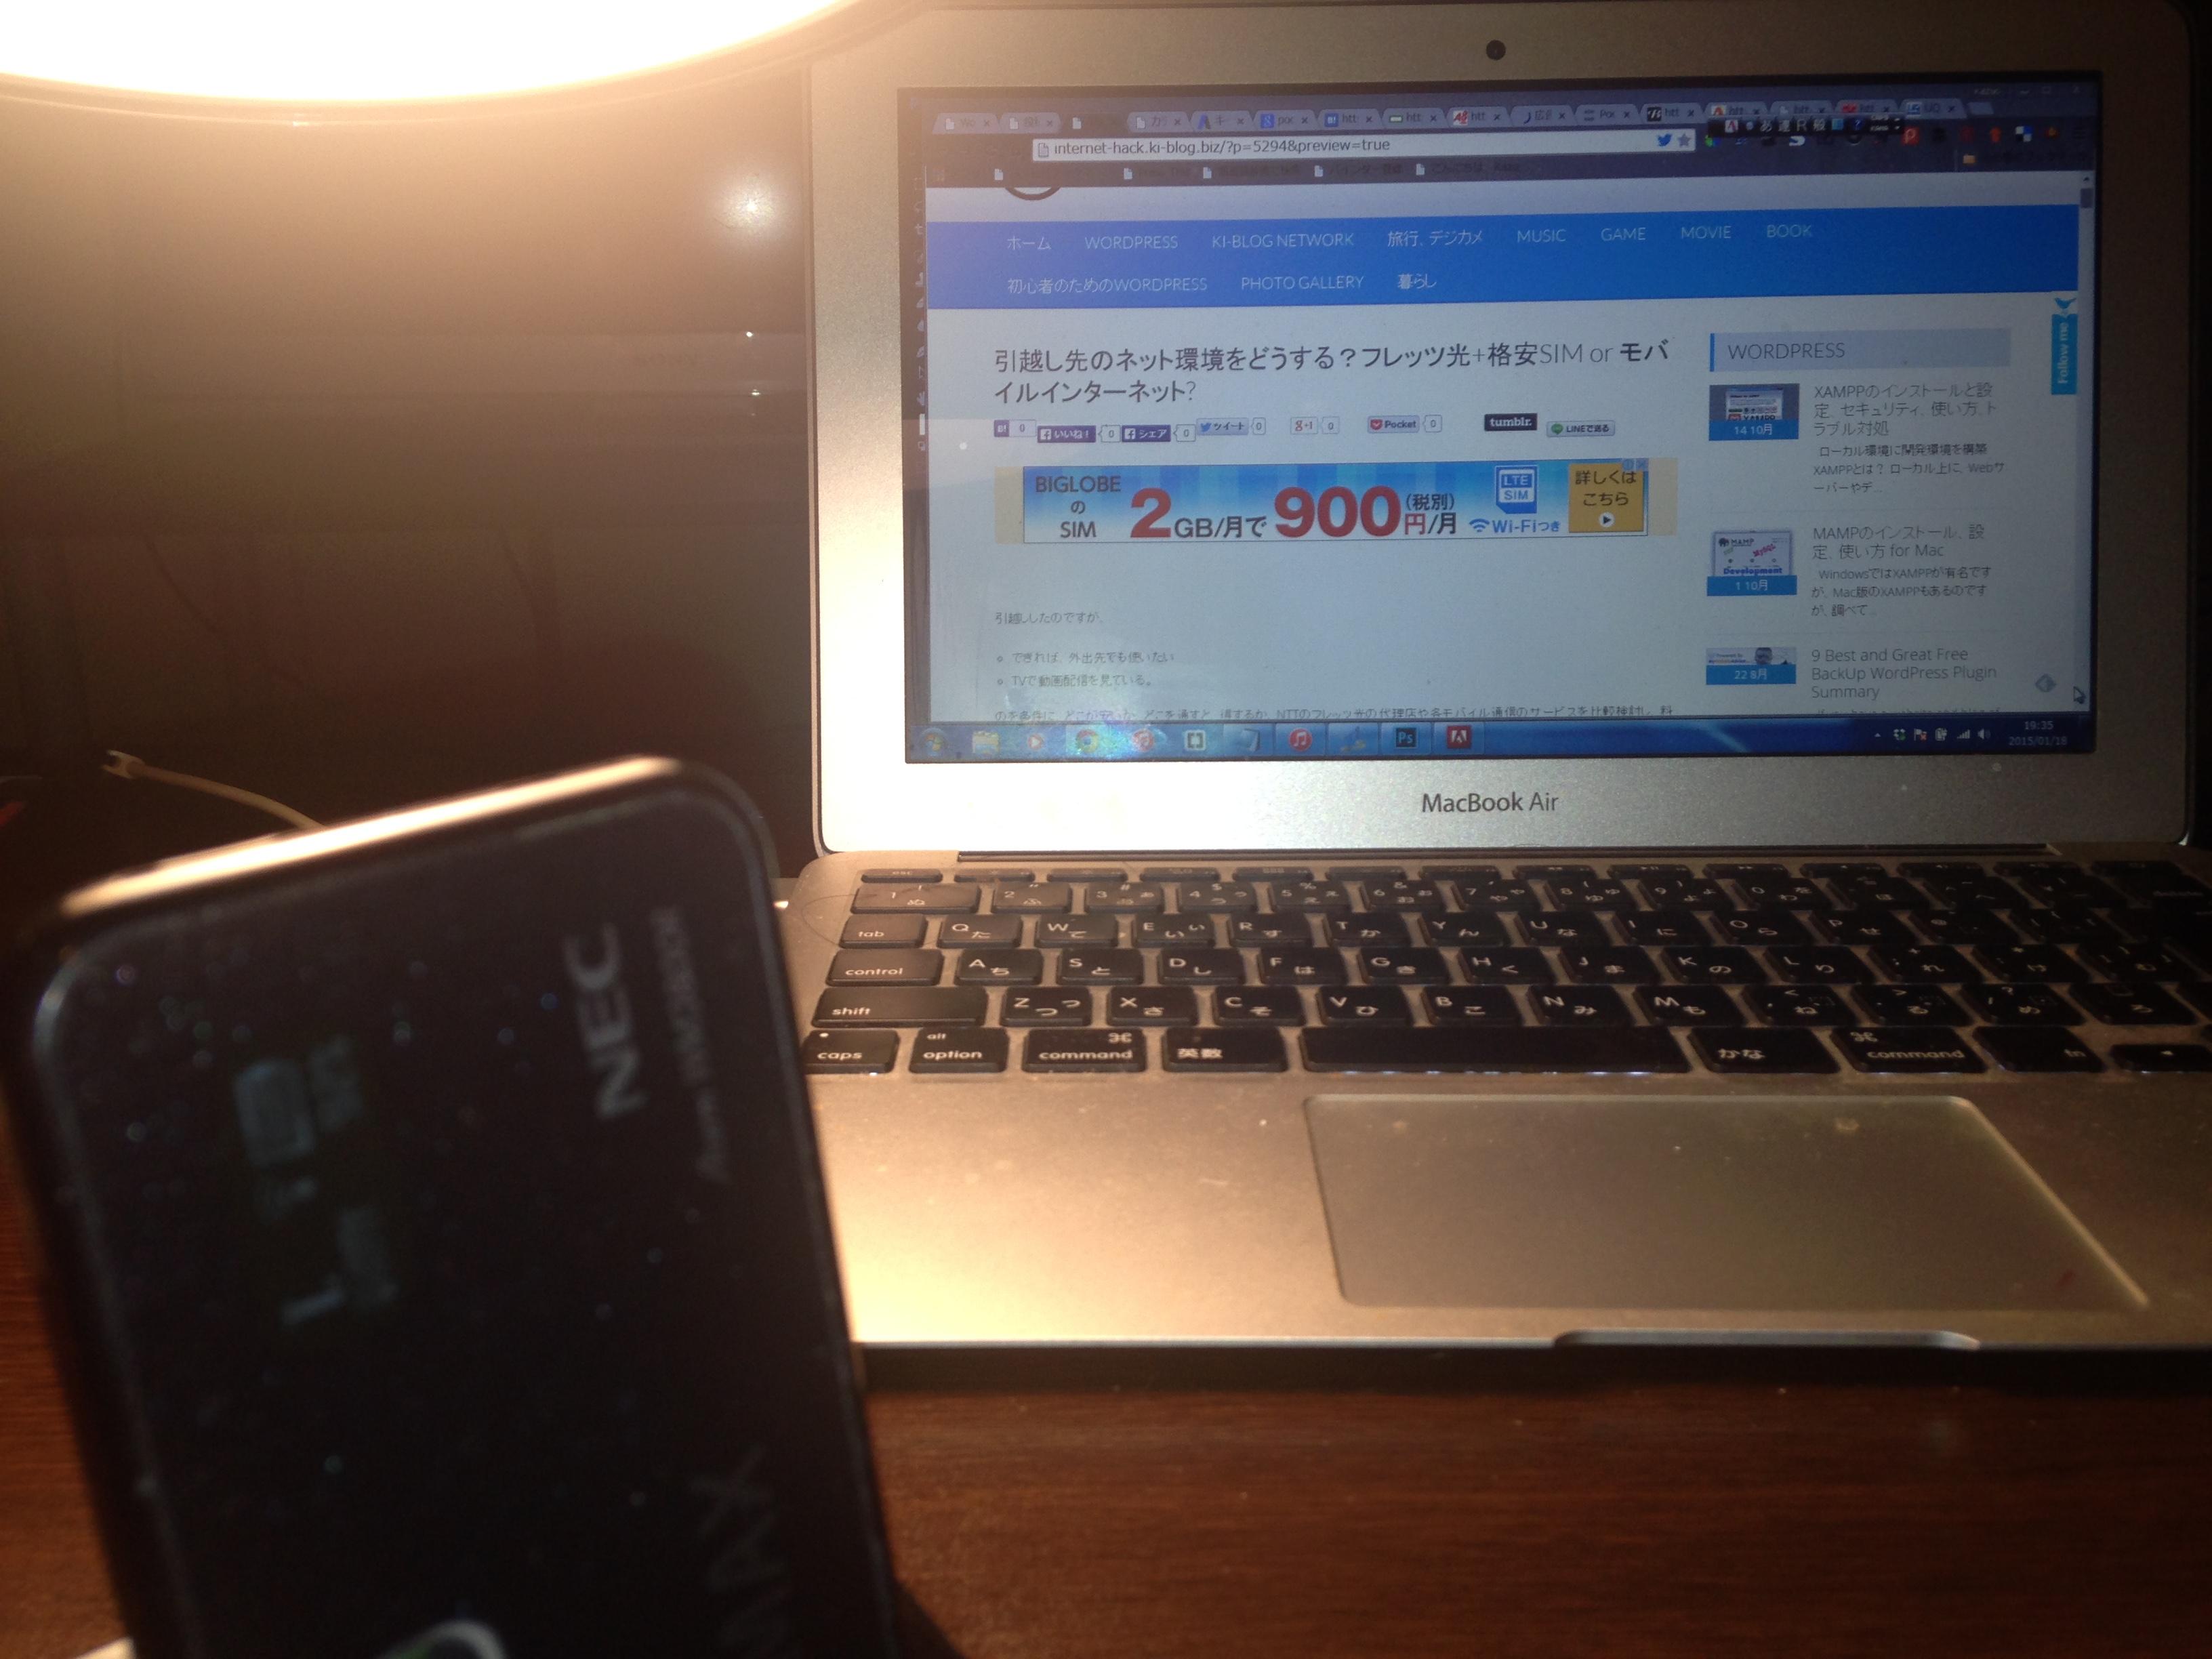 引越し先のネット環境をどうする?フレッツ光+格安SIM or モバイルインターネット?